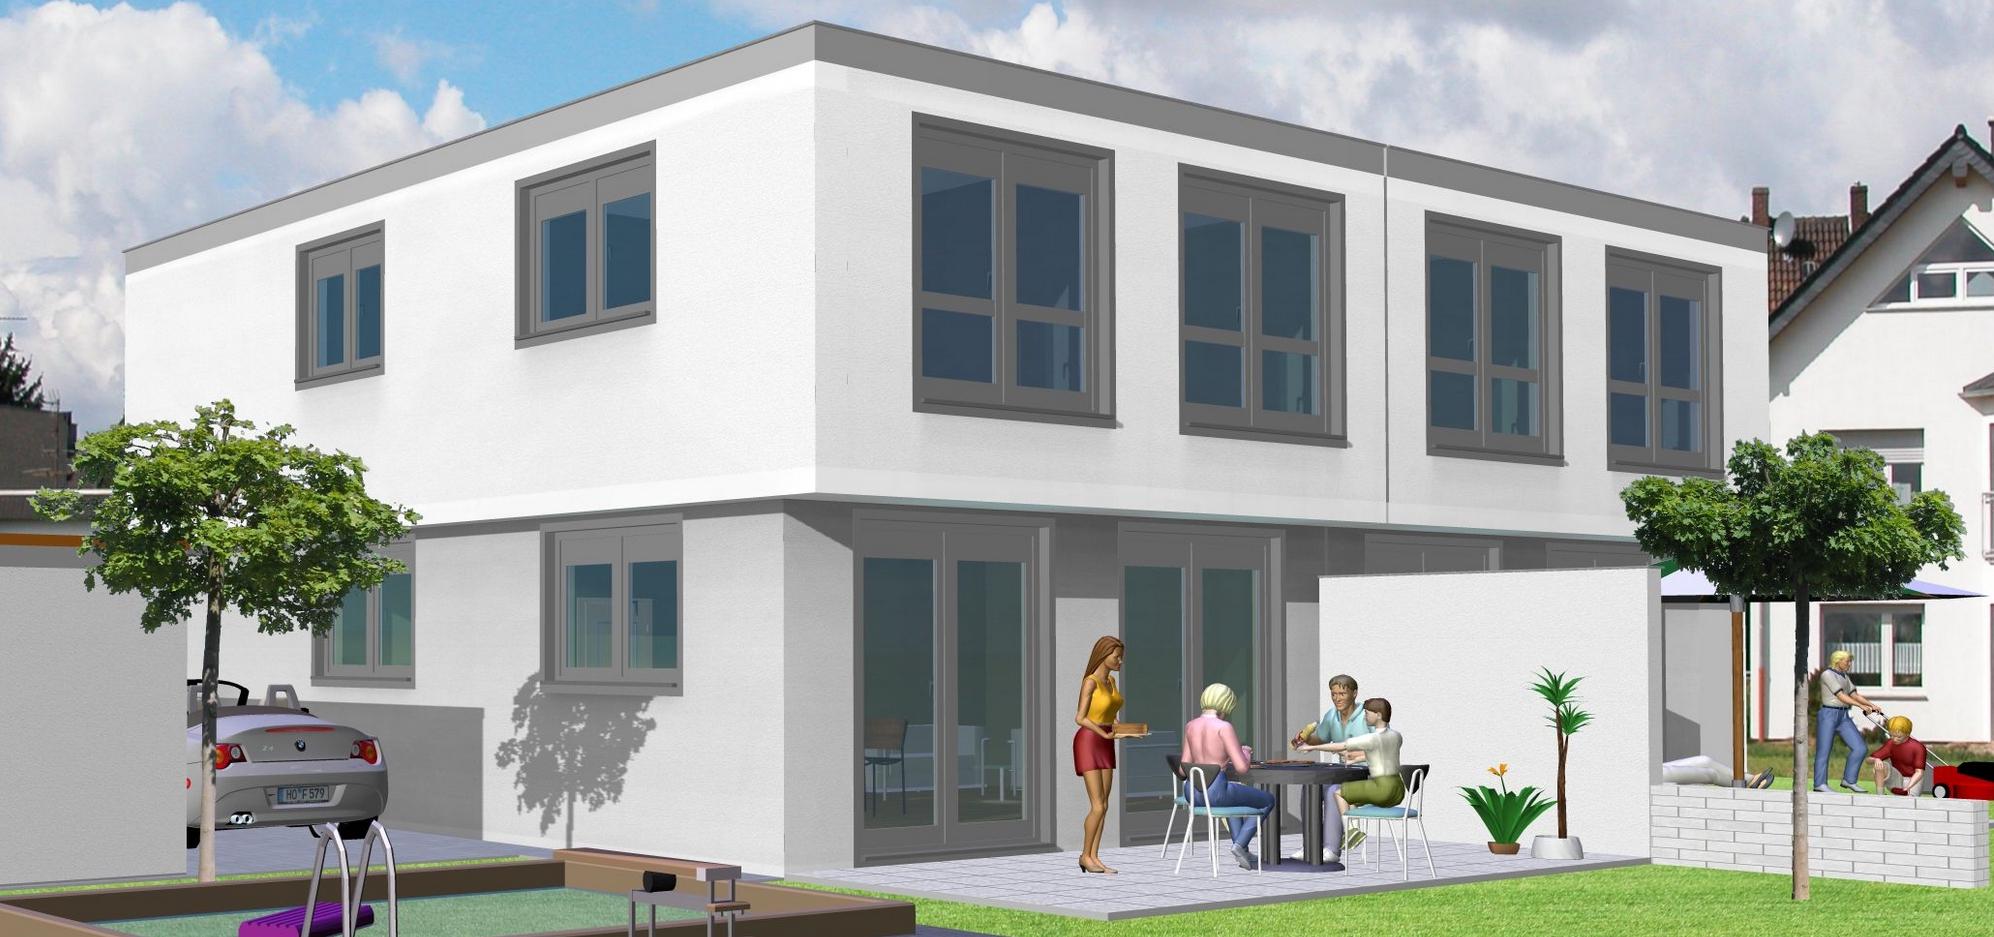 home brawi immobilien. Black Bedroom Furniture Sets. Home Design Ideas